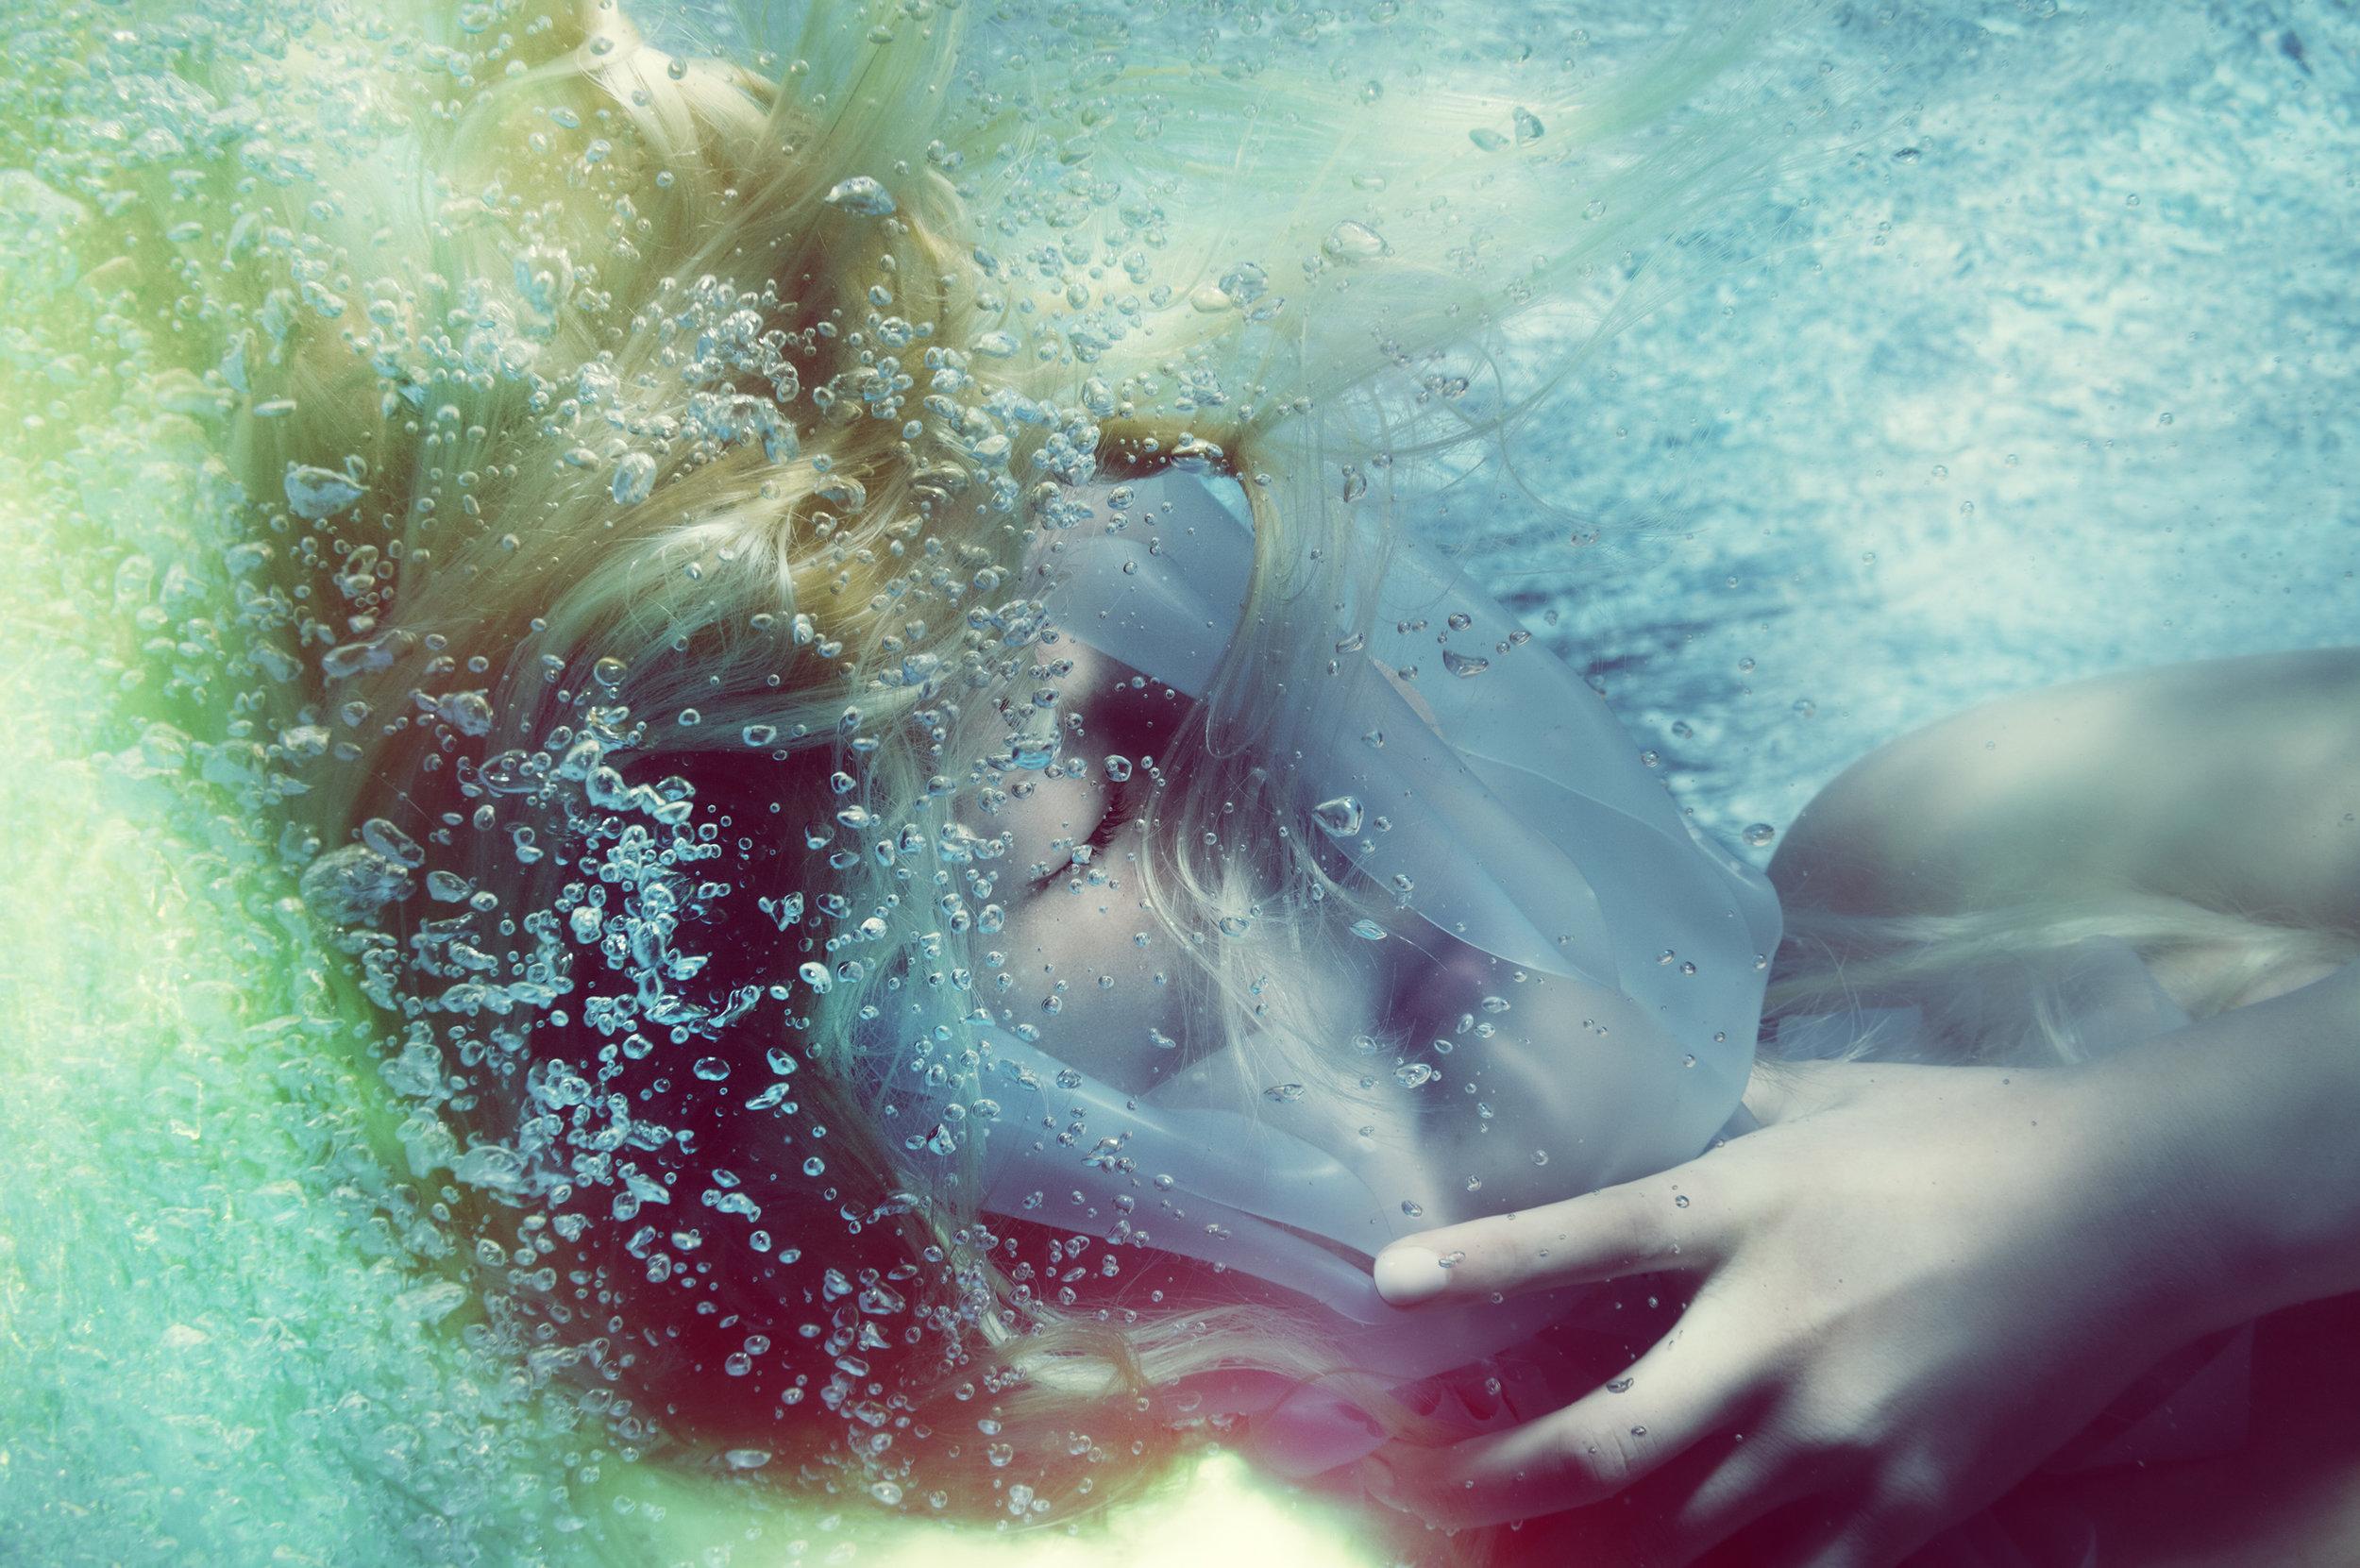 Susanne Stemmer portait of girl underwater